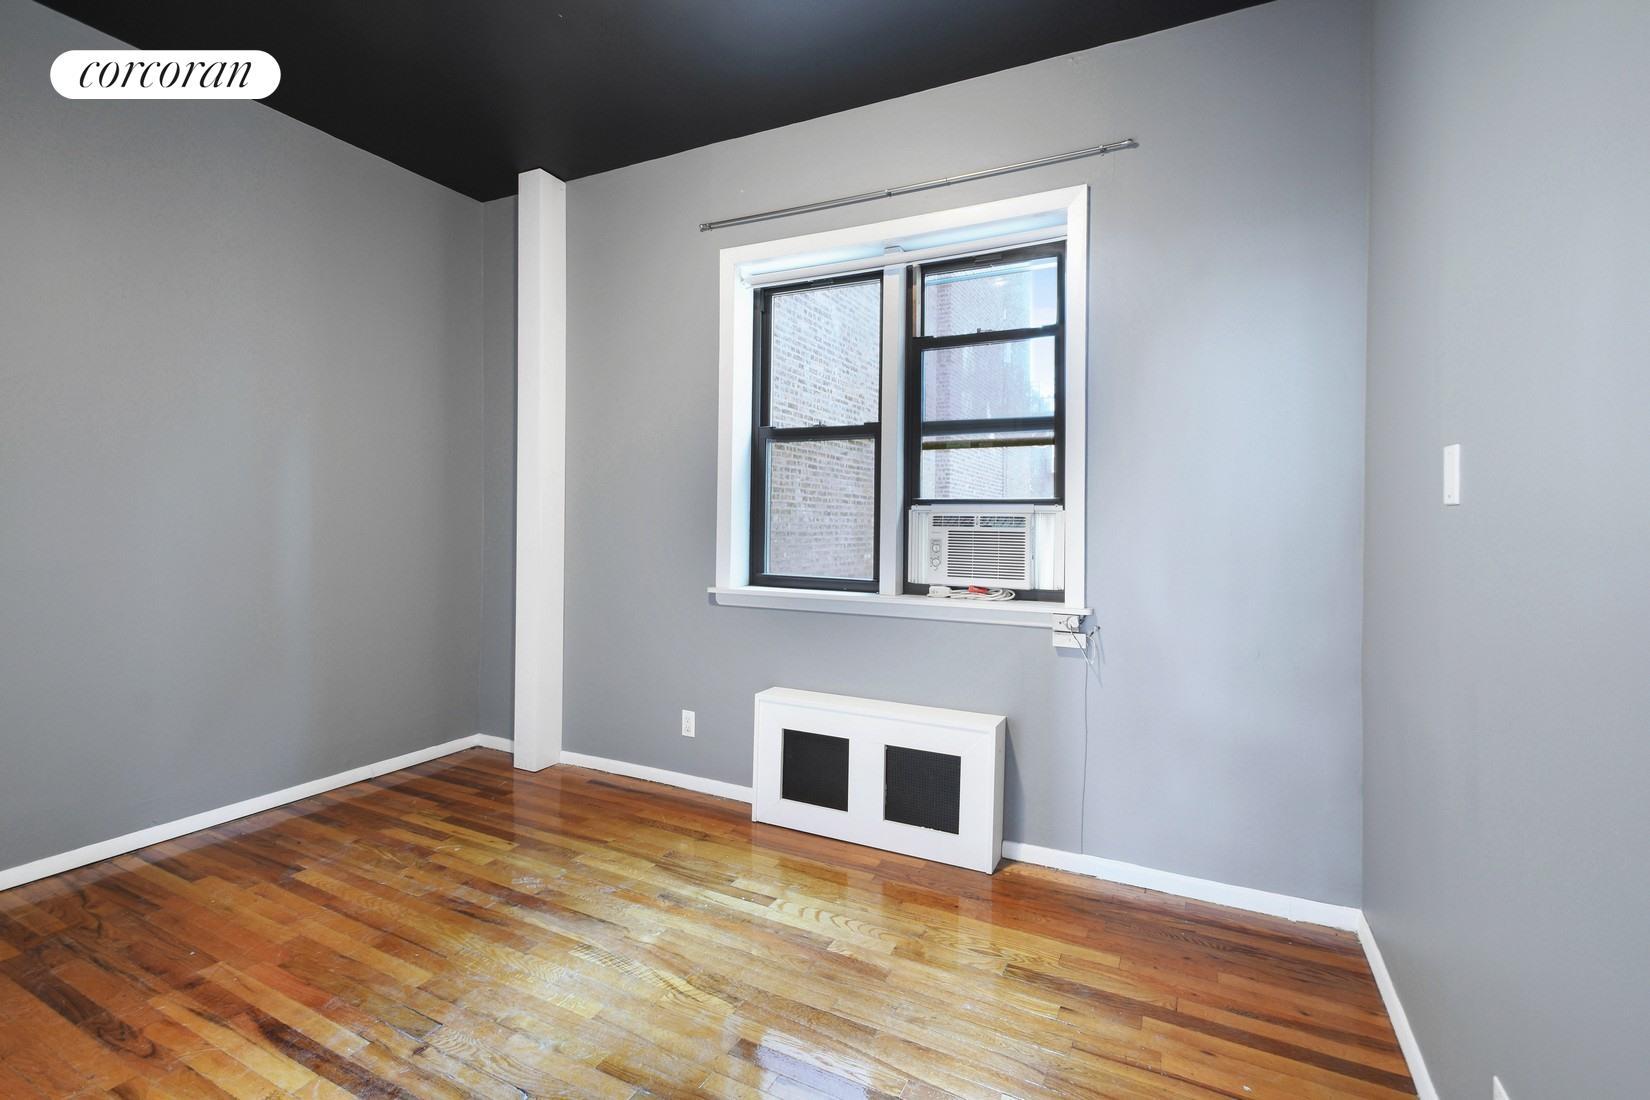 Corcoran, 266 West 22nd Street, Apt. 2nd Floor, Chelsea/Hudson Yards ...